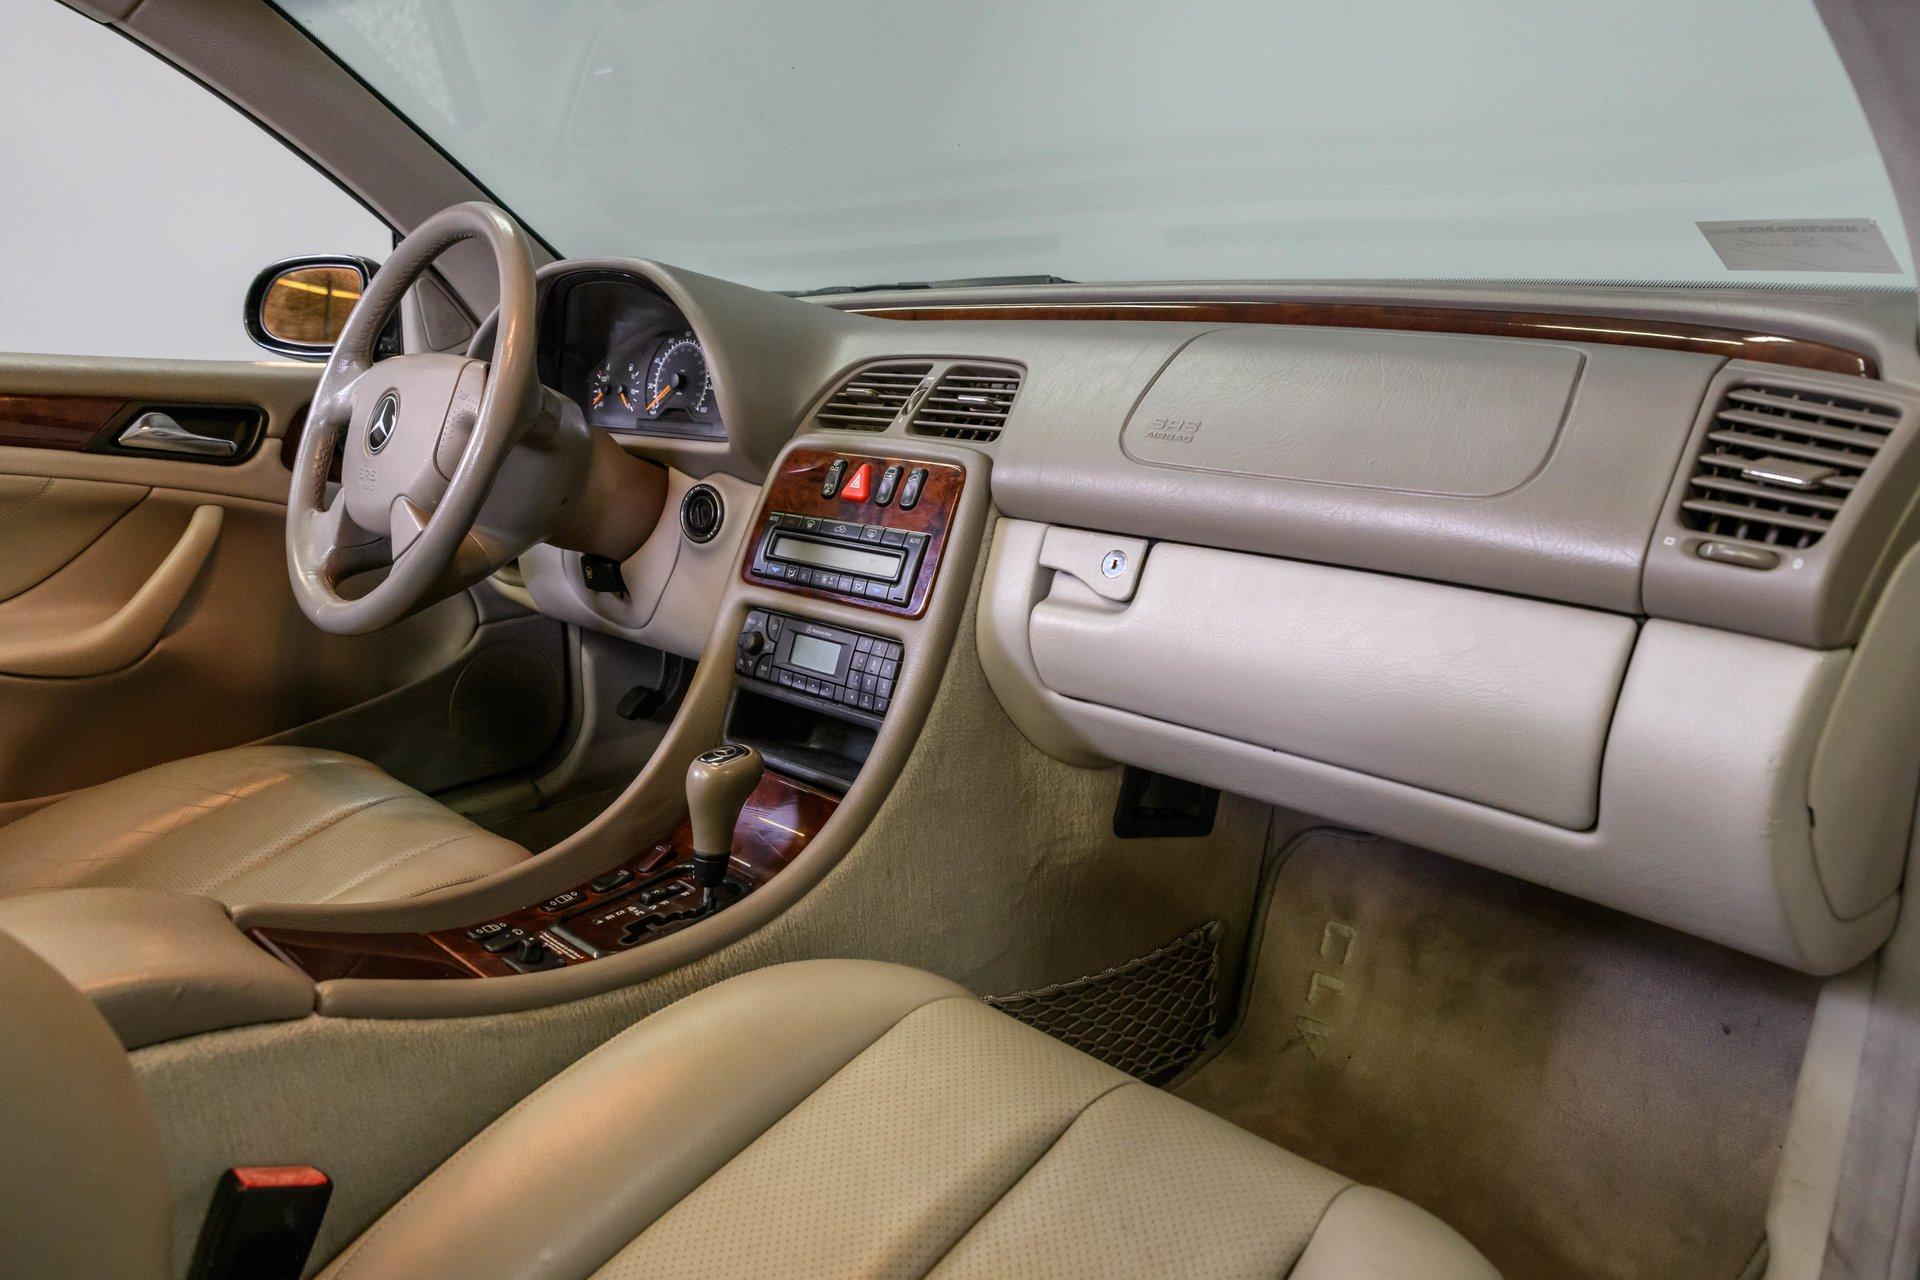 1999 Mercedes Benz Clk320 Auto Barn Classic Cars Clk 320